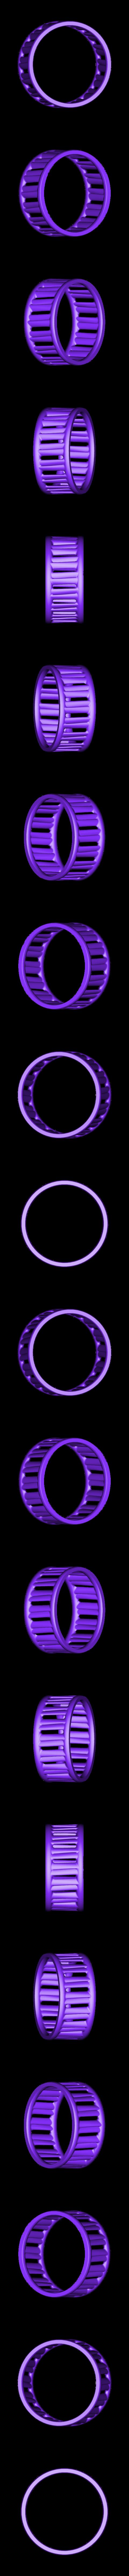 PI-Bracelet-ring_W1.1.stl Télécharger fichier STL gratuit Bracelet Palmiga - Collection Bague • Plan imprimable en 3D, Palmiga